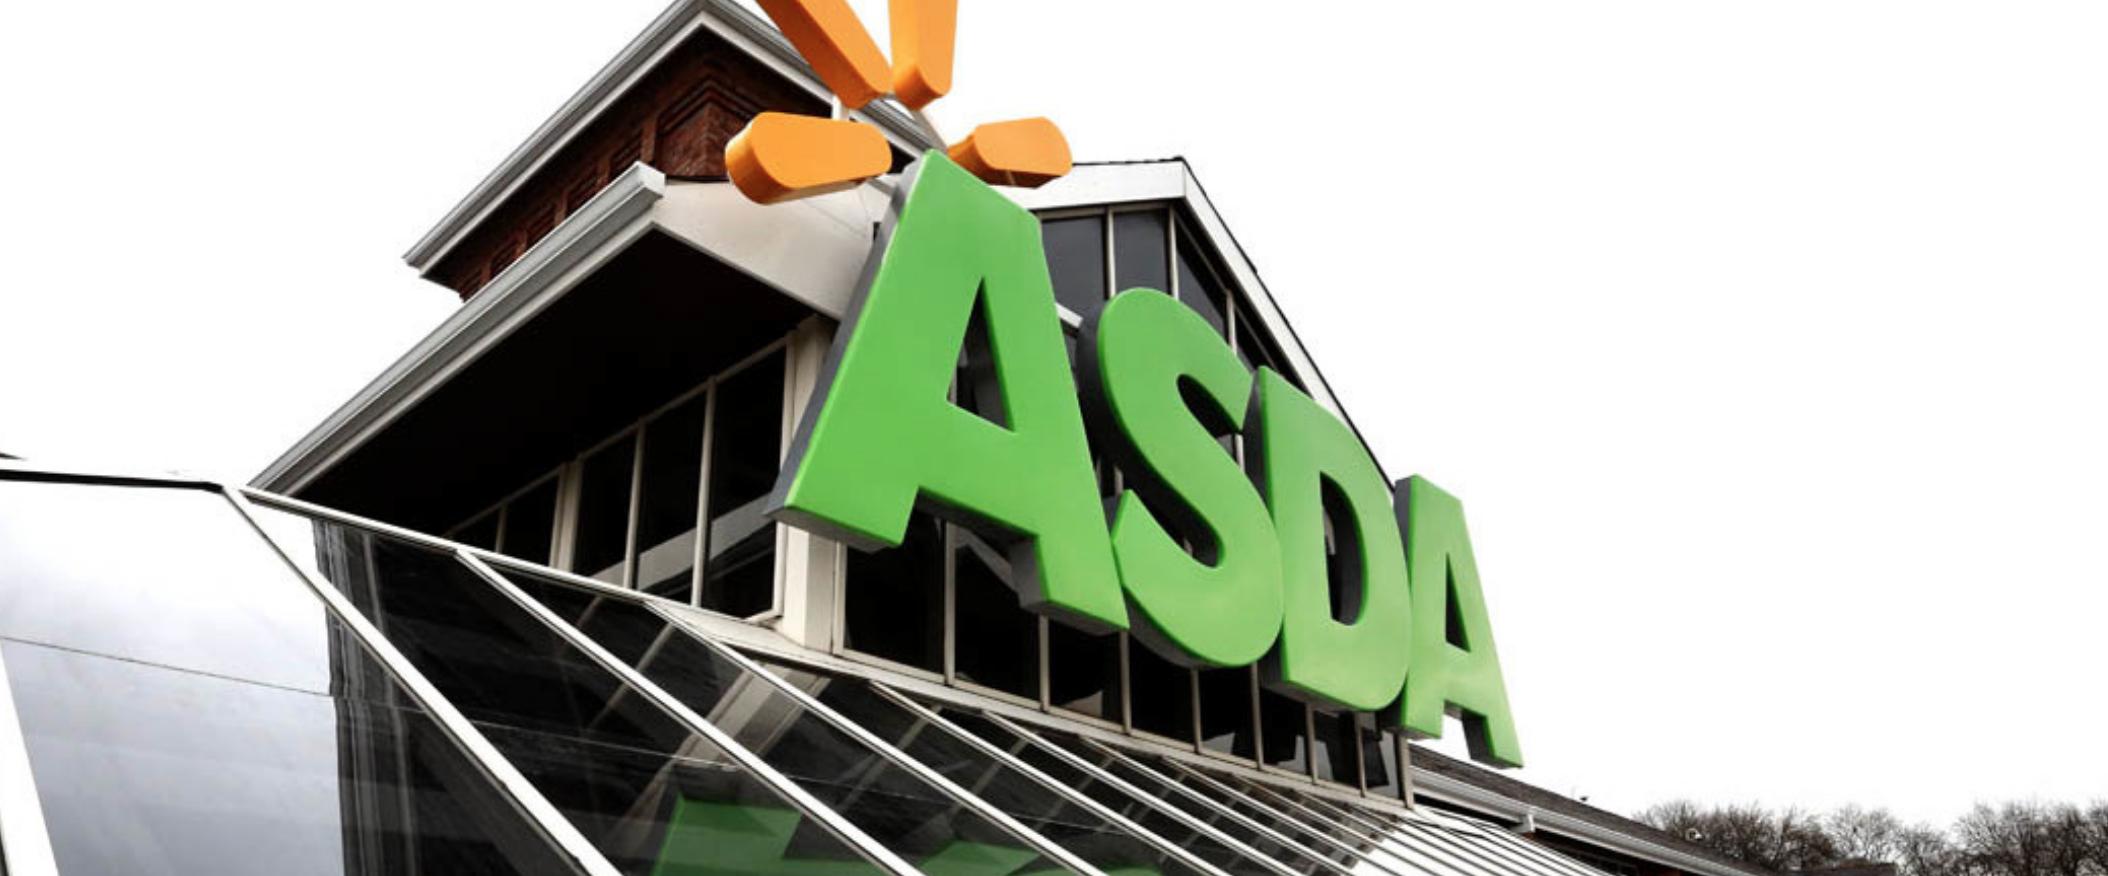 ASDA launch colleague eVouchers | Incentive&Motivation